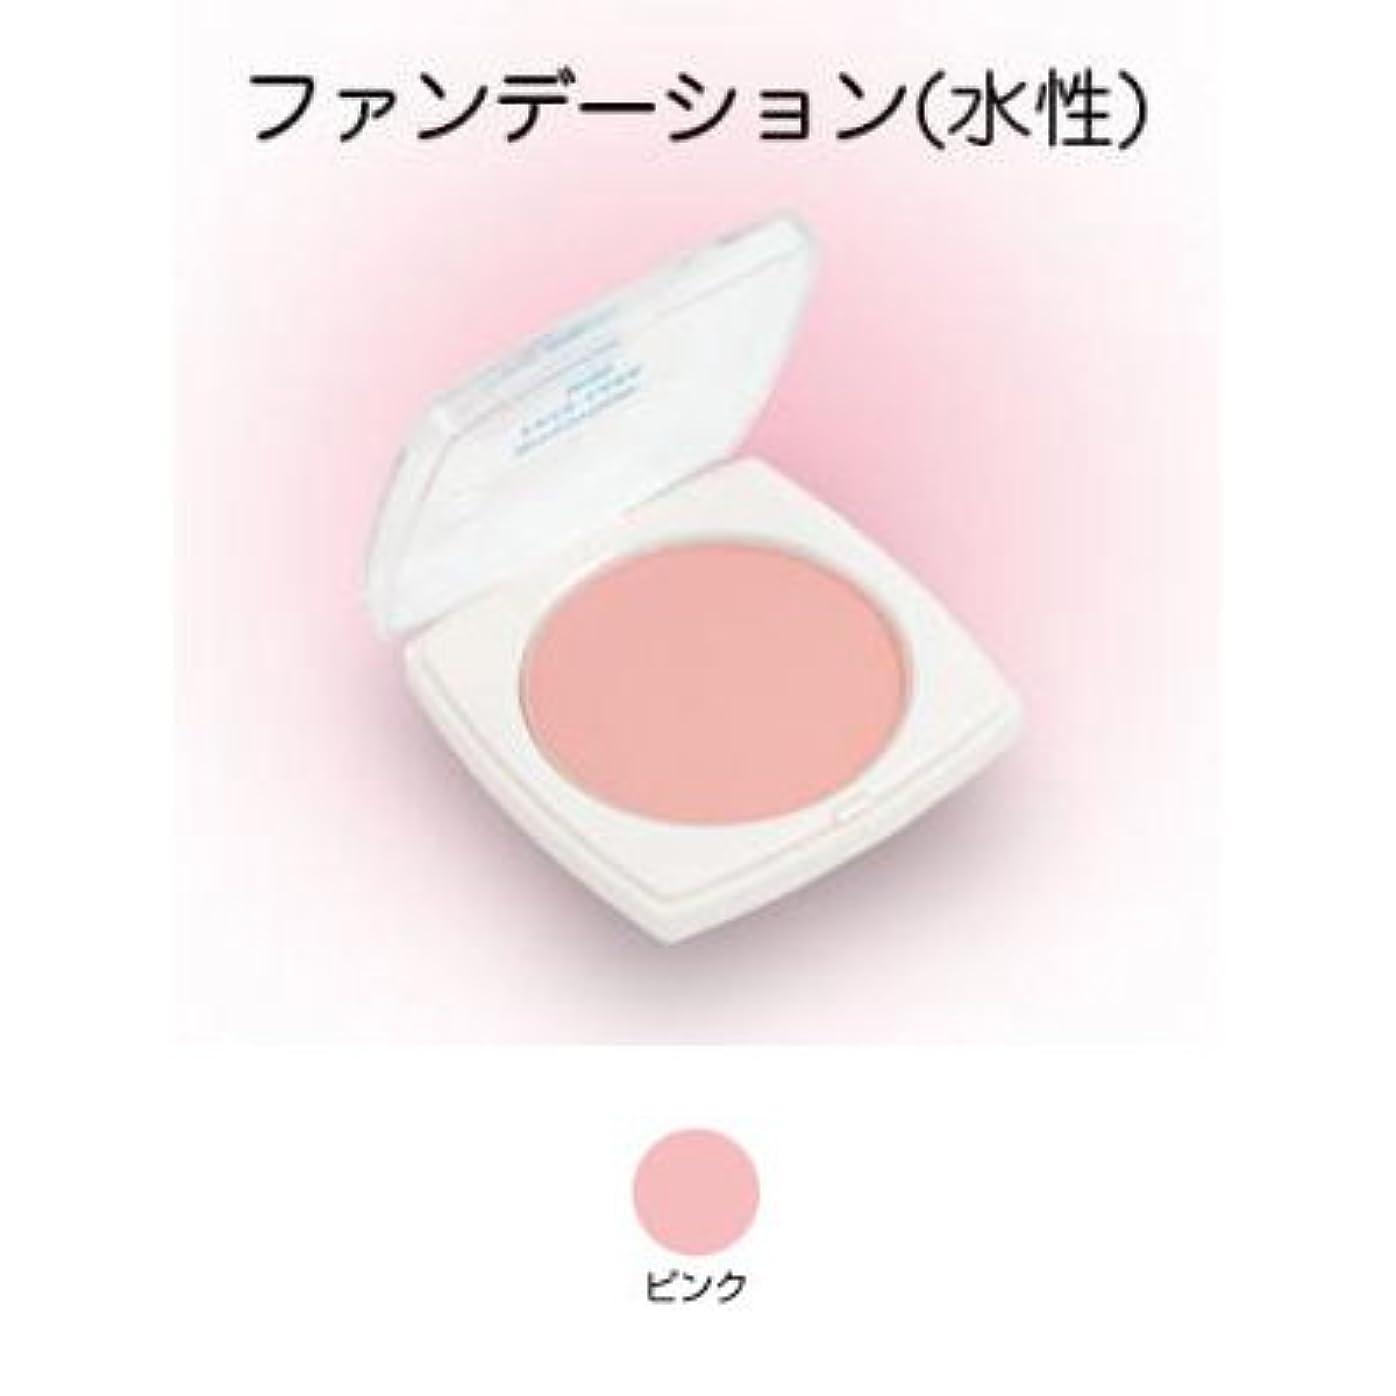 あなたはスムーズにもちろんフェースケーキ ミニ 17g ピンク 【三善】